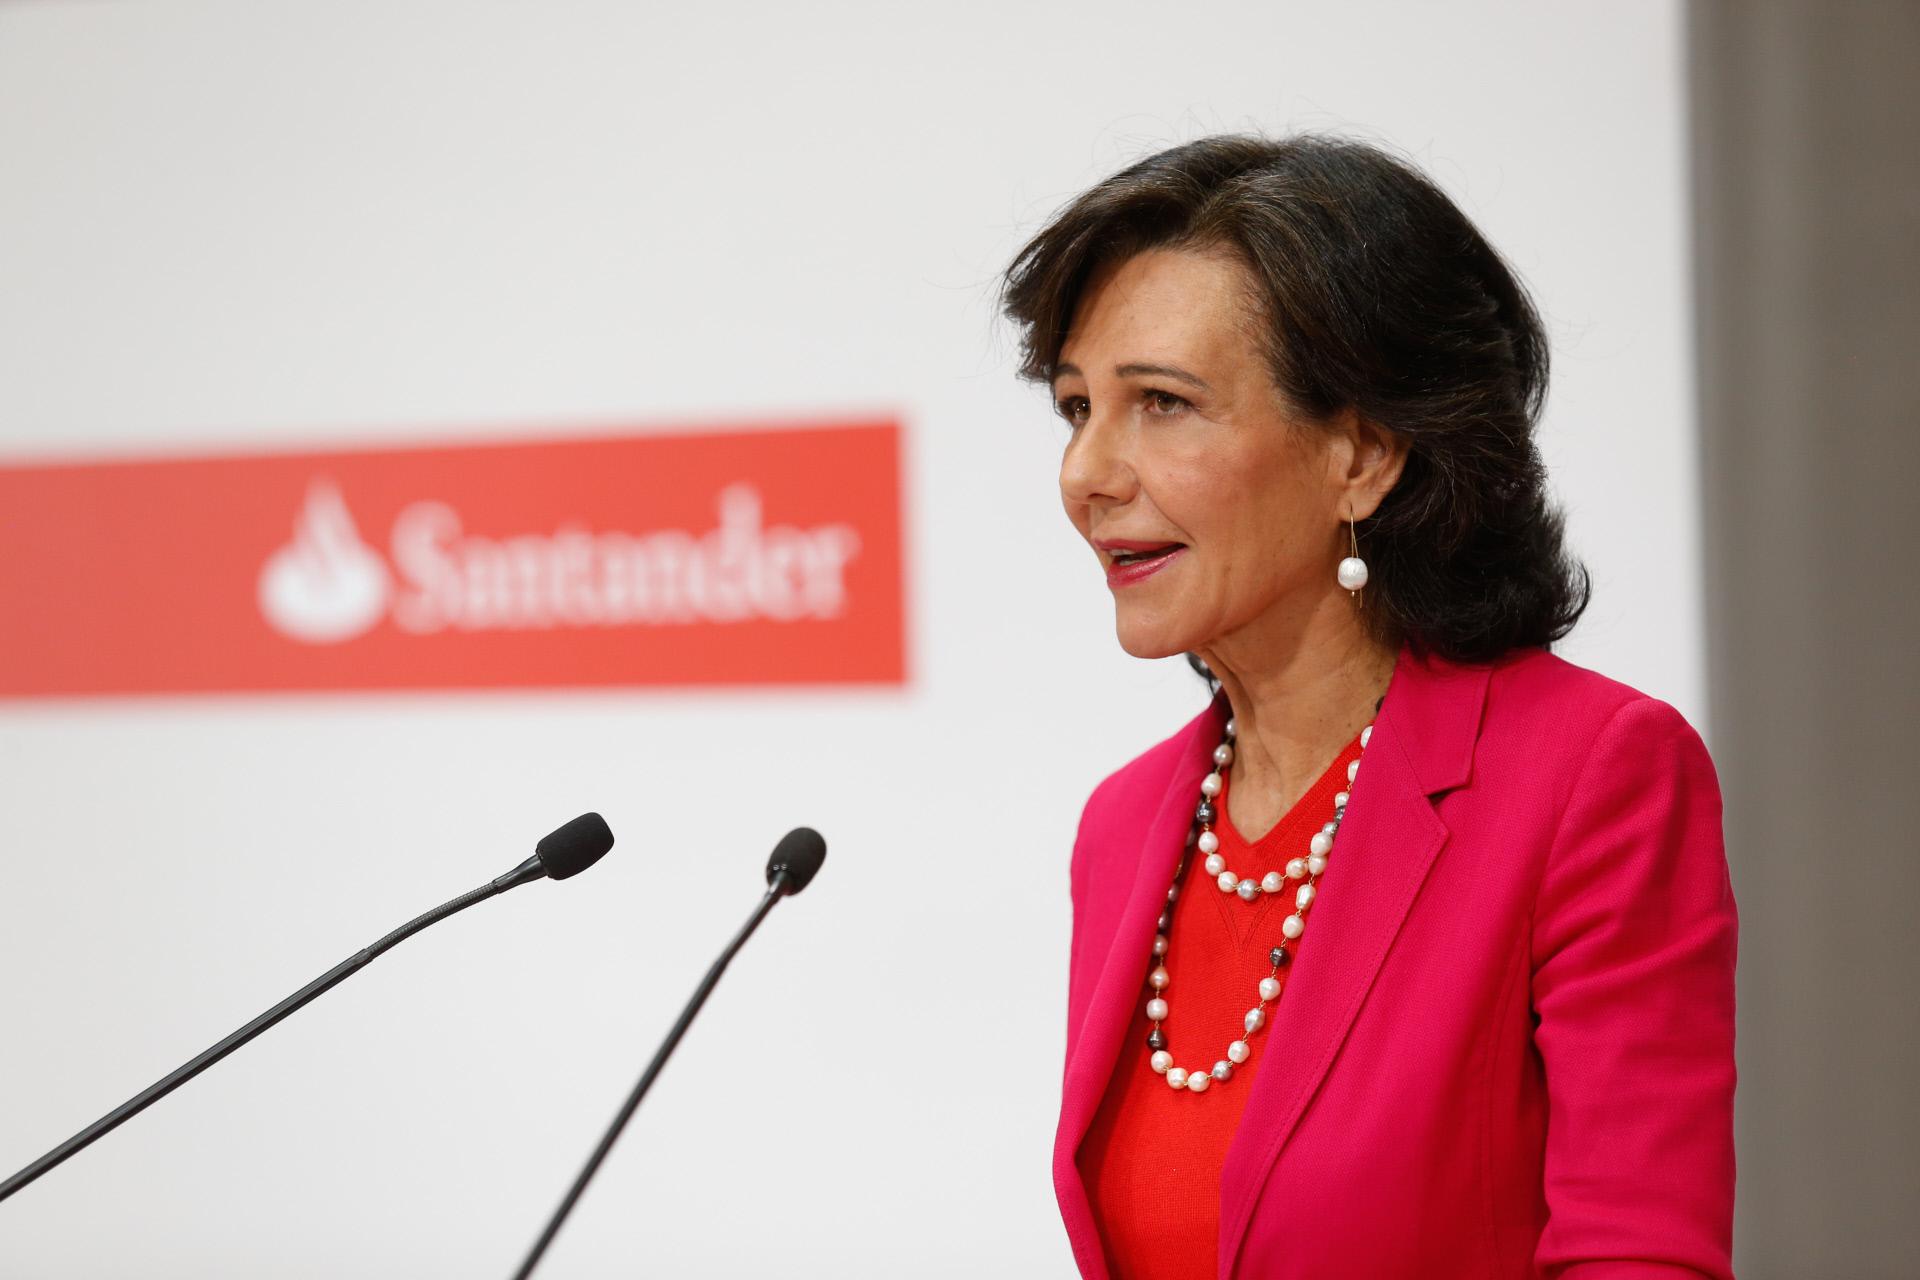 Banco liderado por Ana Botín quer reduzir exposição ao imobiliário